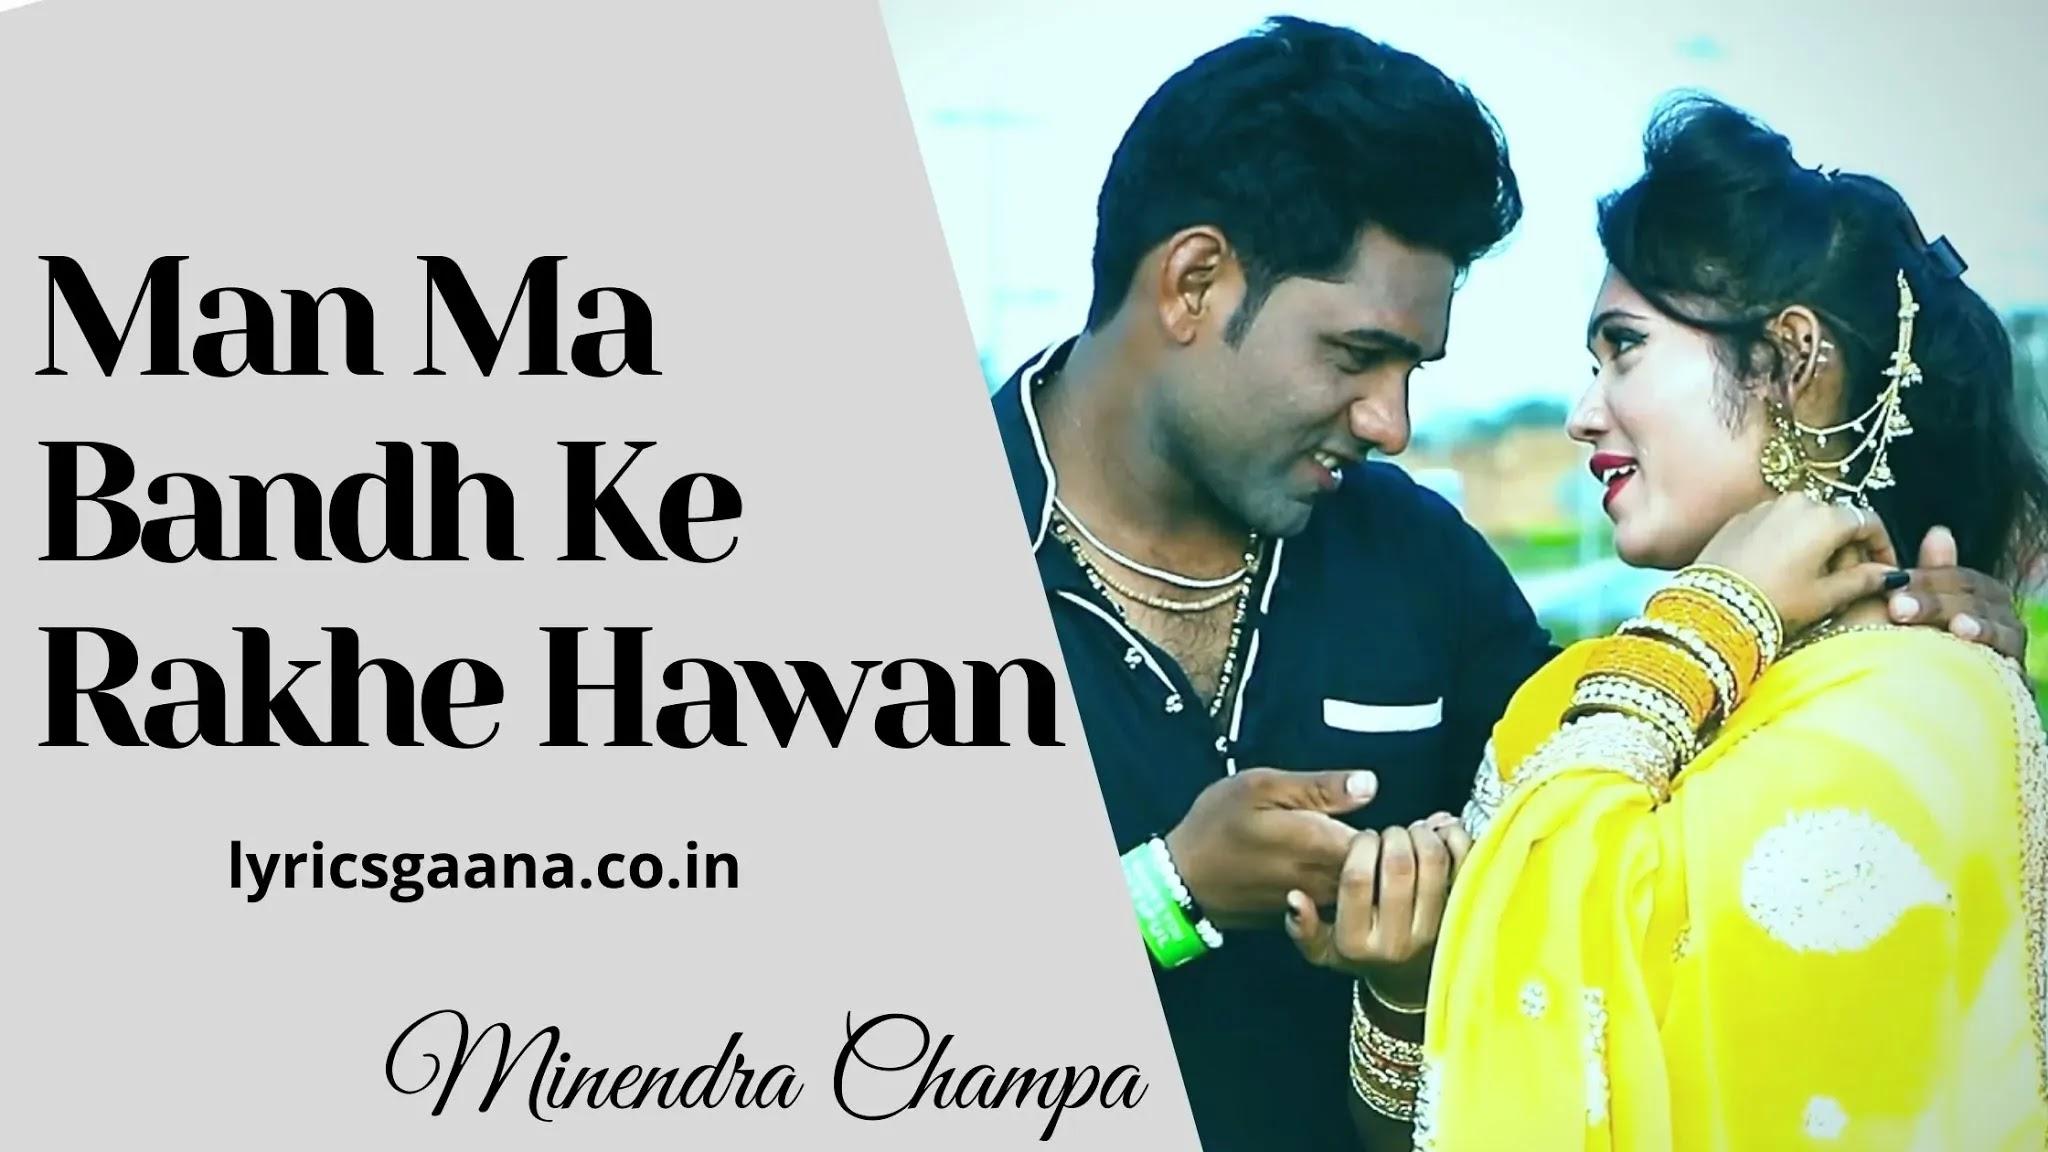 Man Ma Bandh Ke Rakhe Havo | Cg Song Lyrics | मन म बाँध के